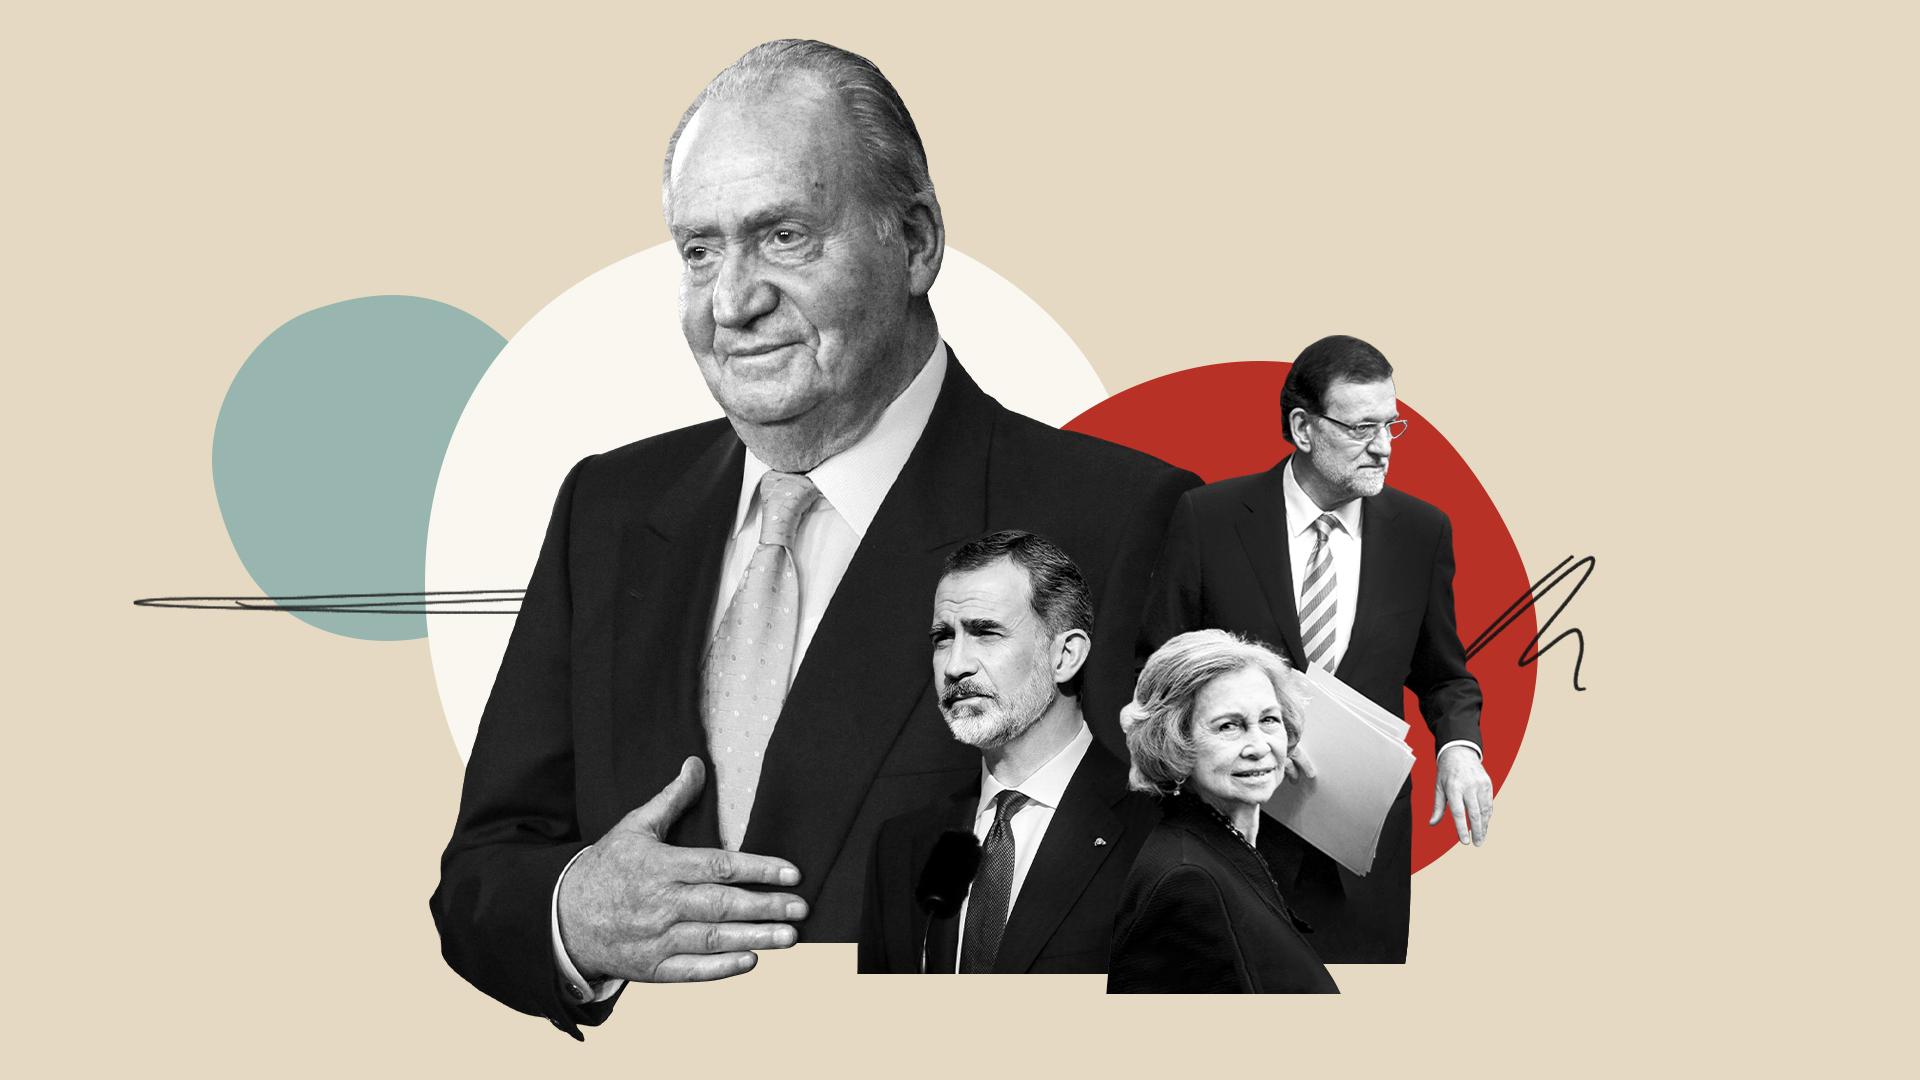 Ilustración sobre el rey emérito Juan Carlos I